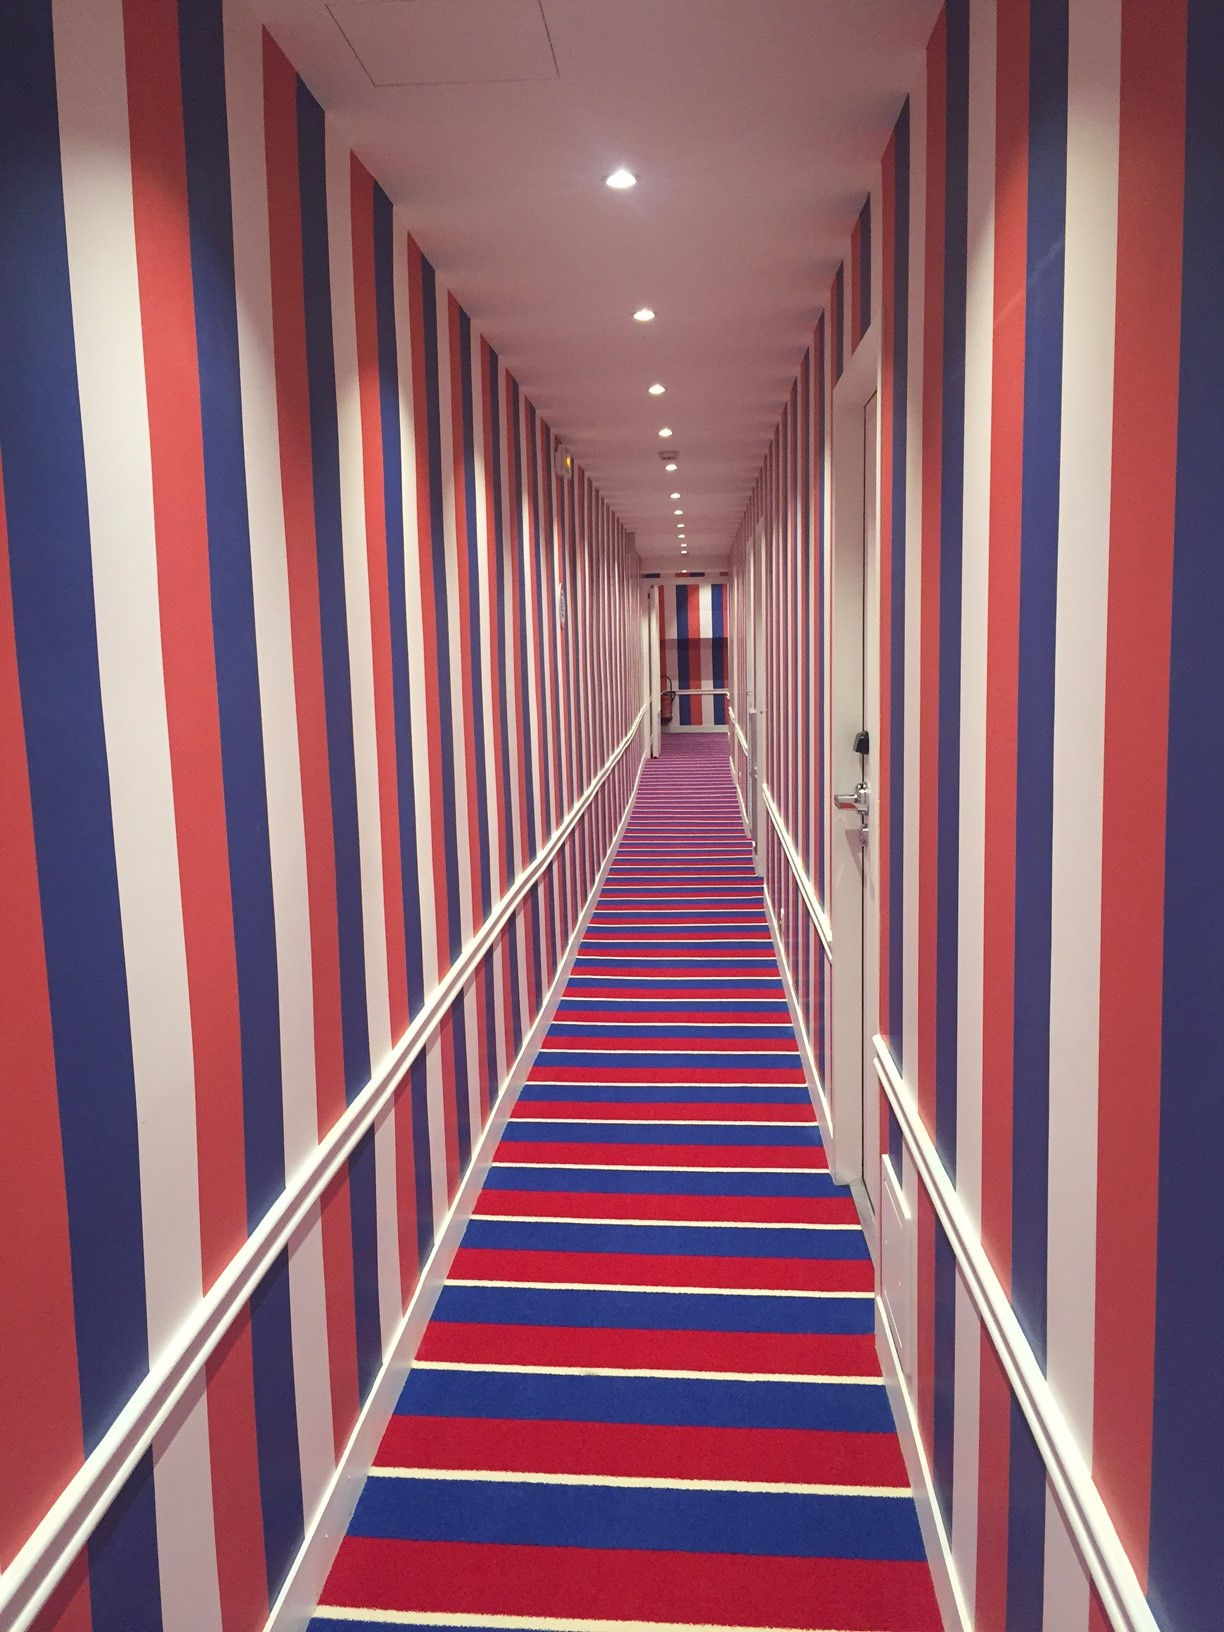 Hallway-Hotel 34B